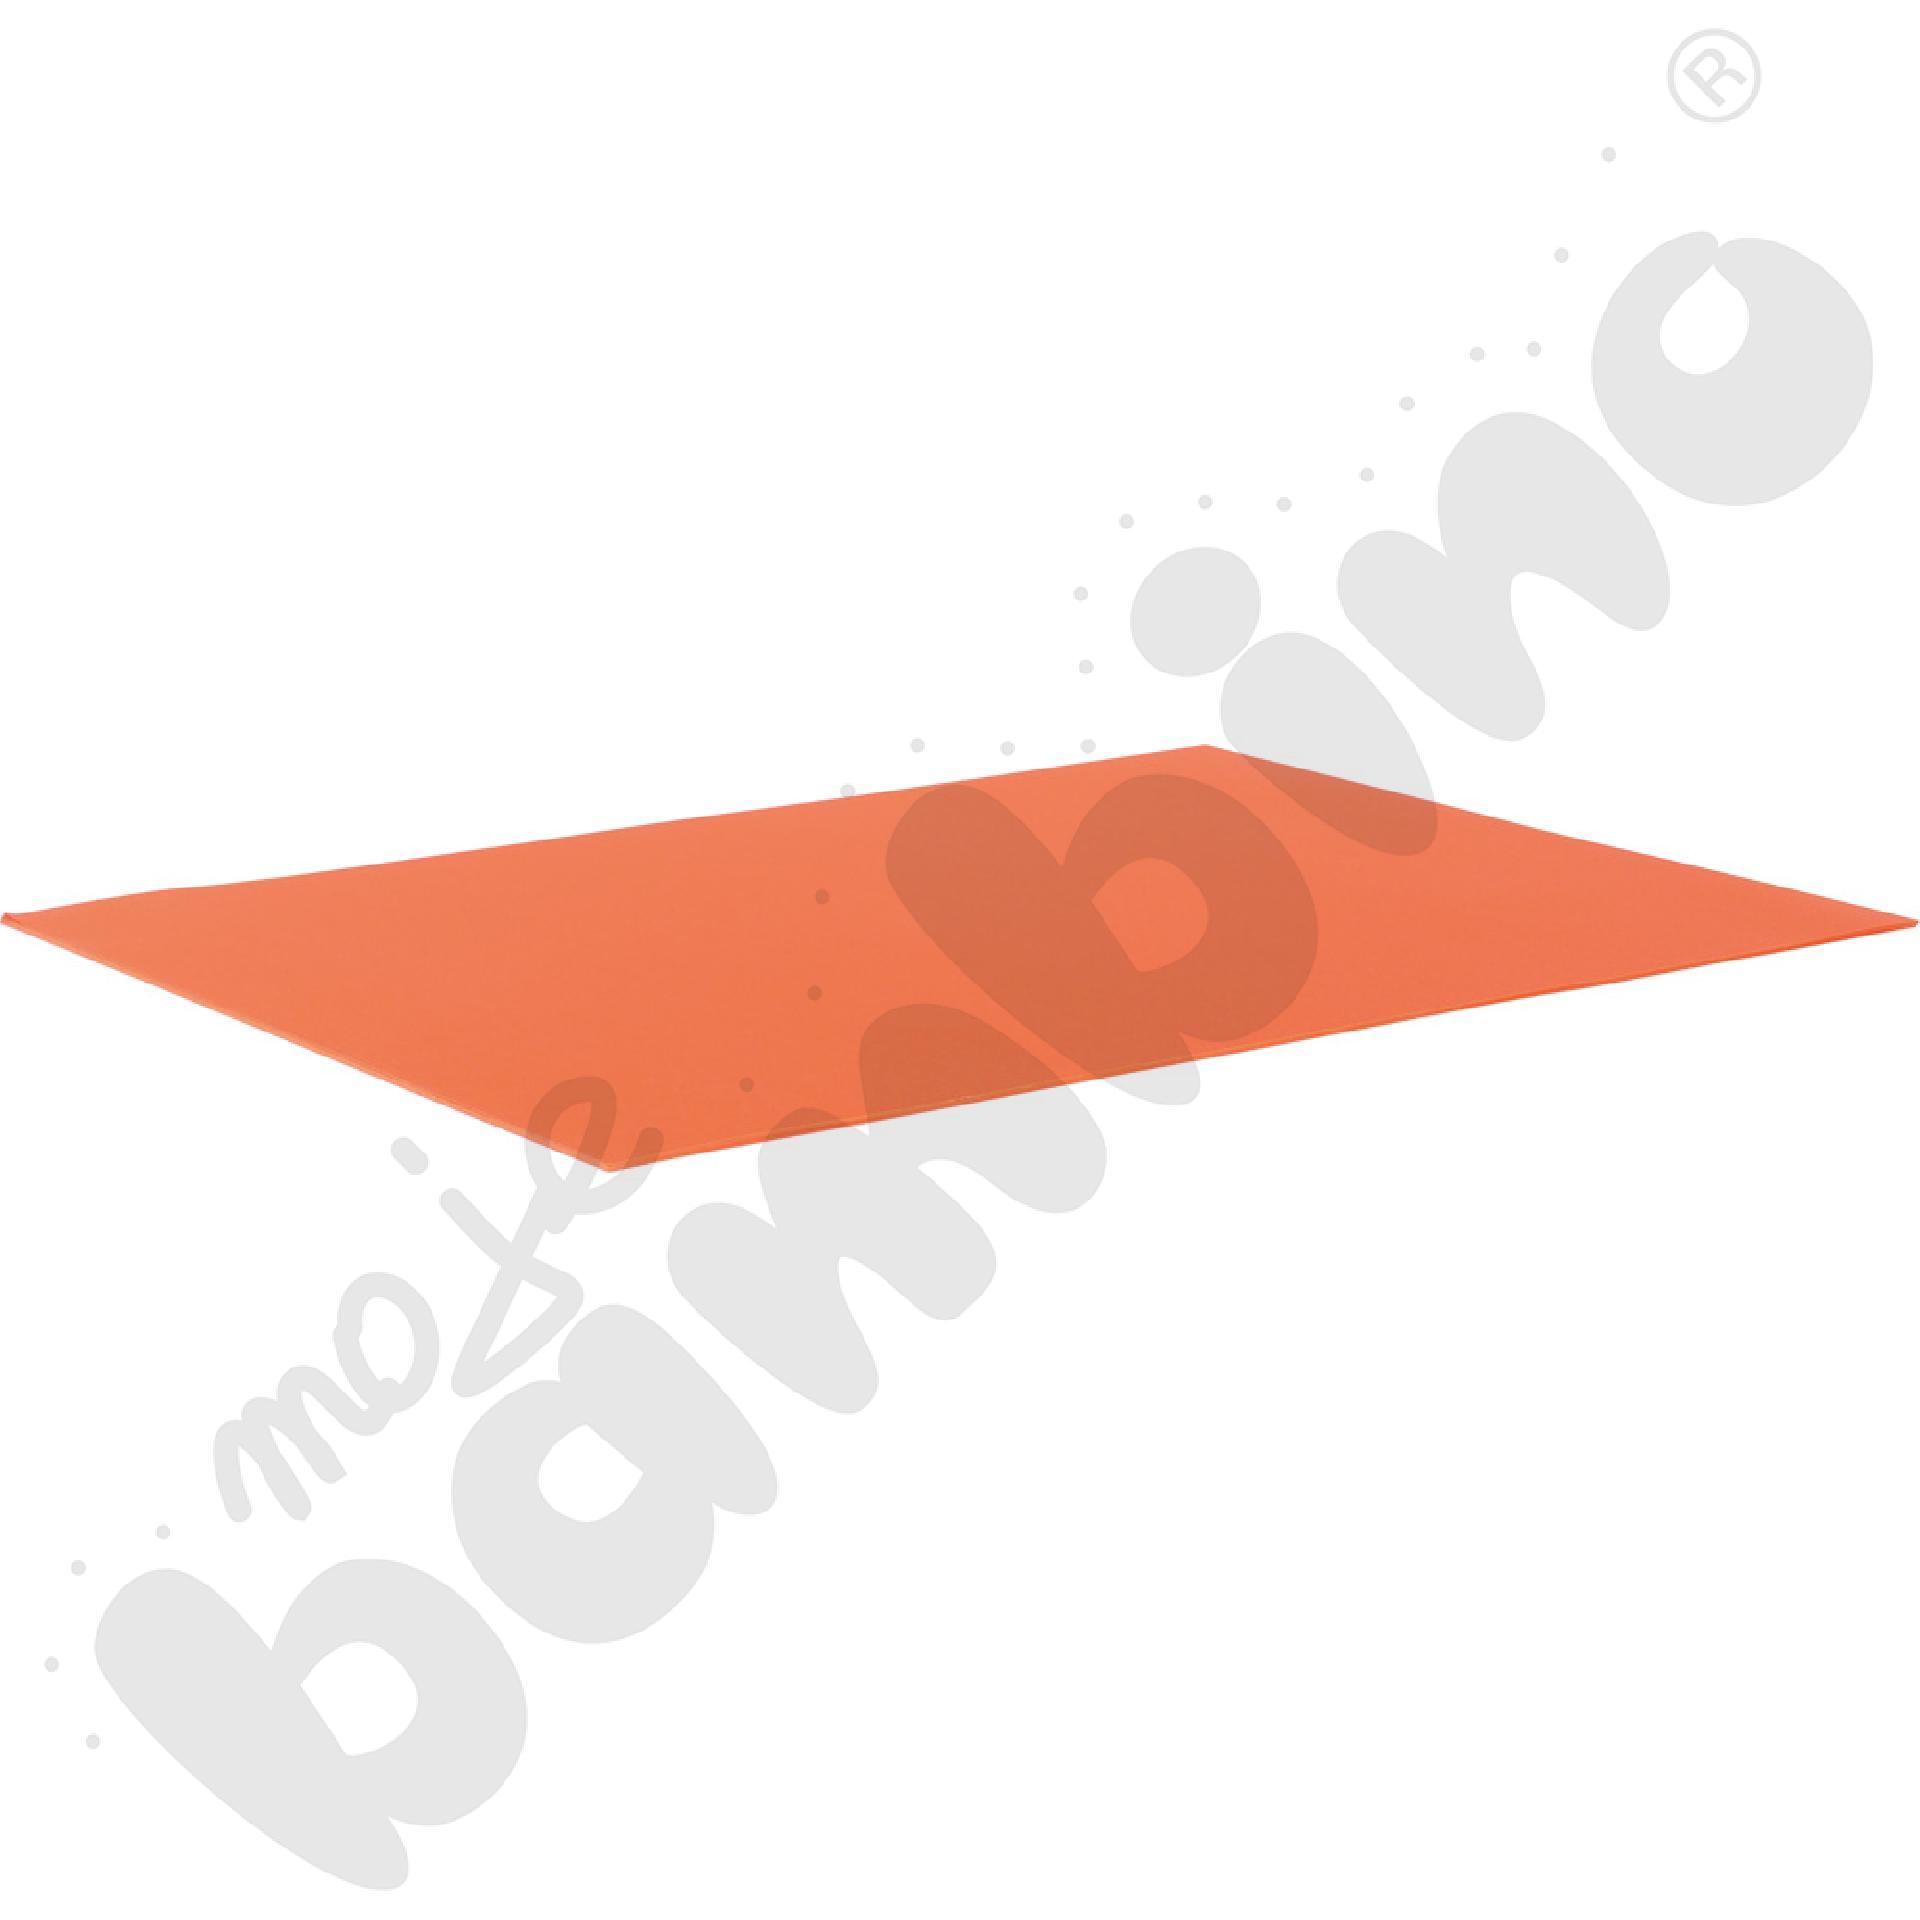 Karton fakturowy 10 arkuszy o wym. 50 x 70 cm ciemnopomarańczowy